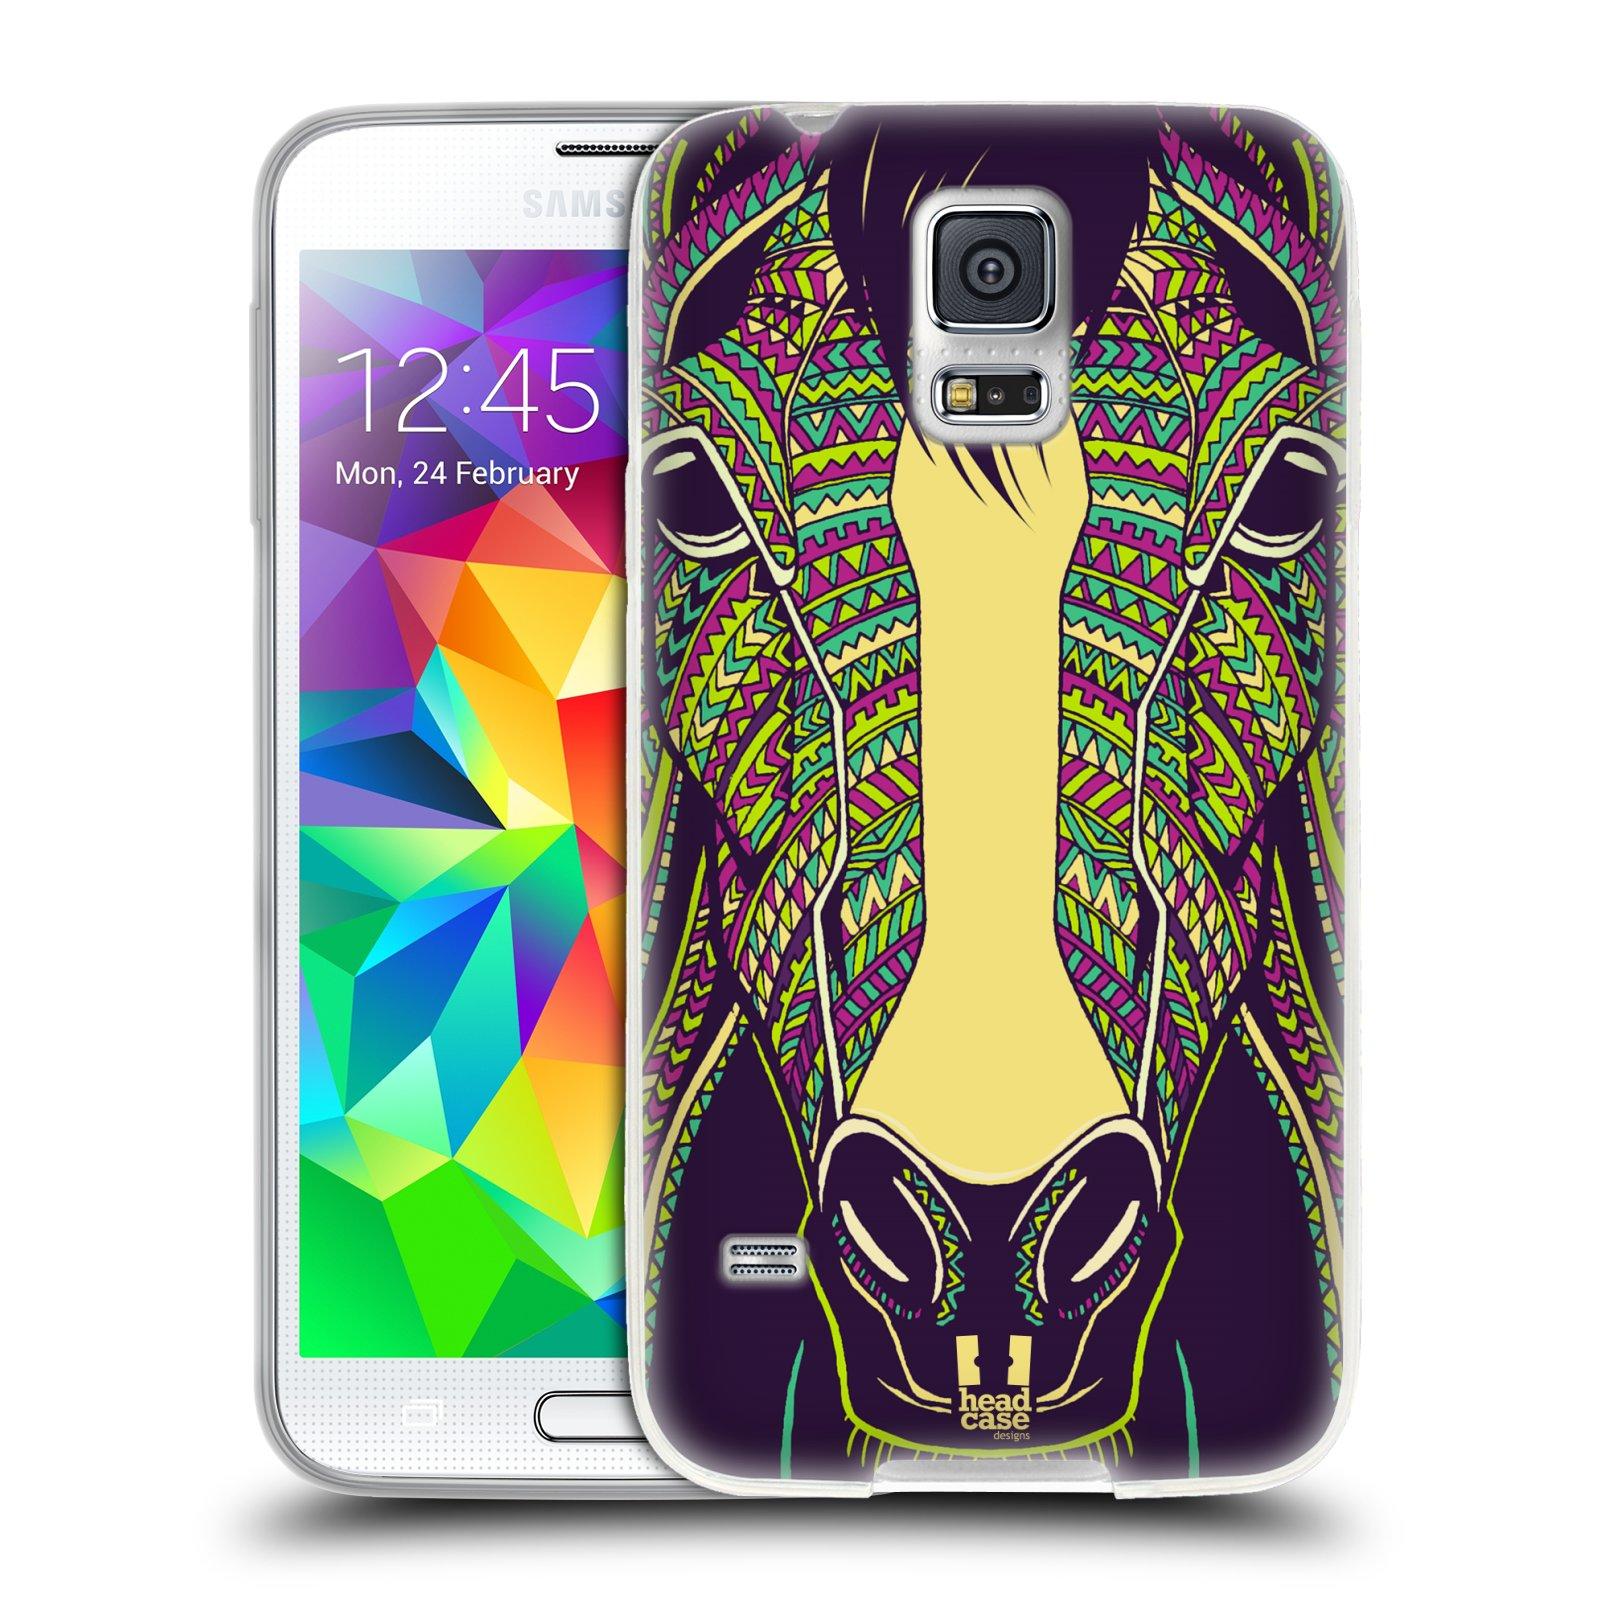 Silikonové pouzdro na mobil Samsung Galaxy S5 HEAD CASE AZTEC KŮŇ